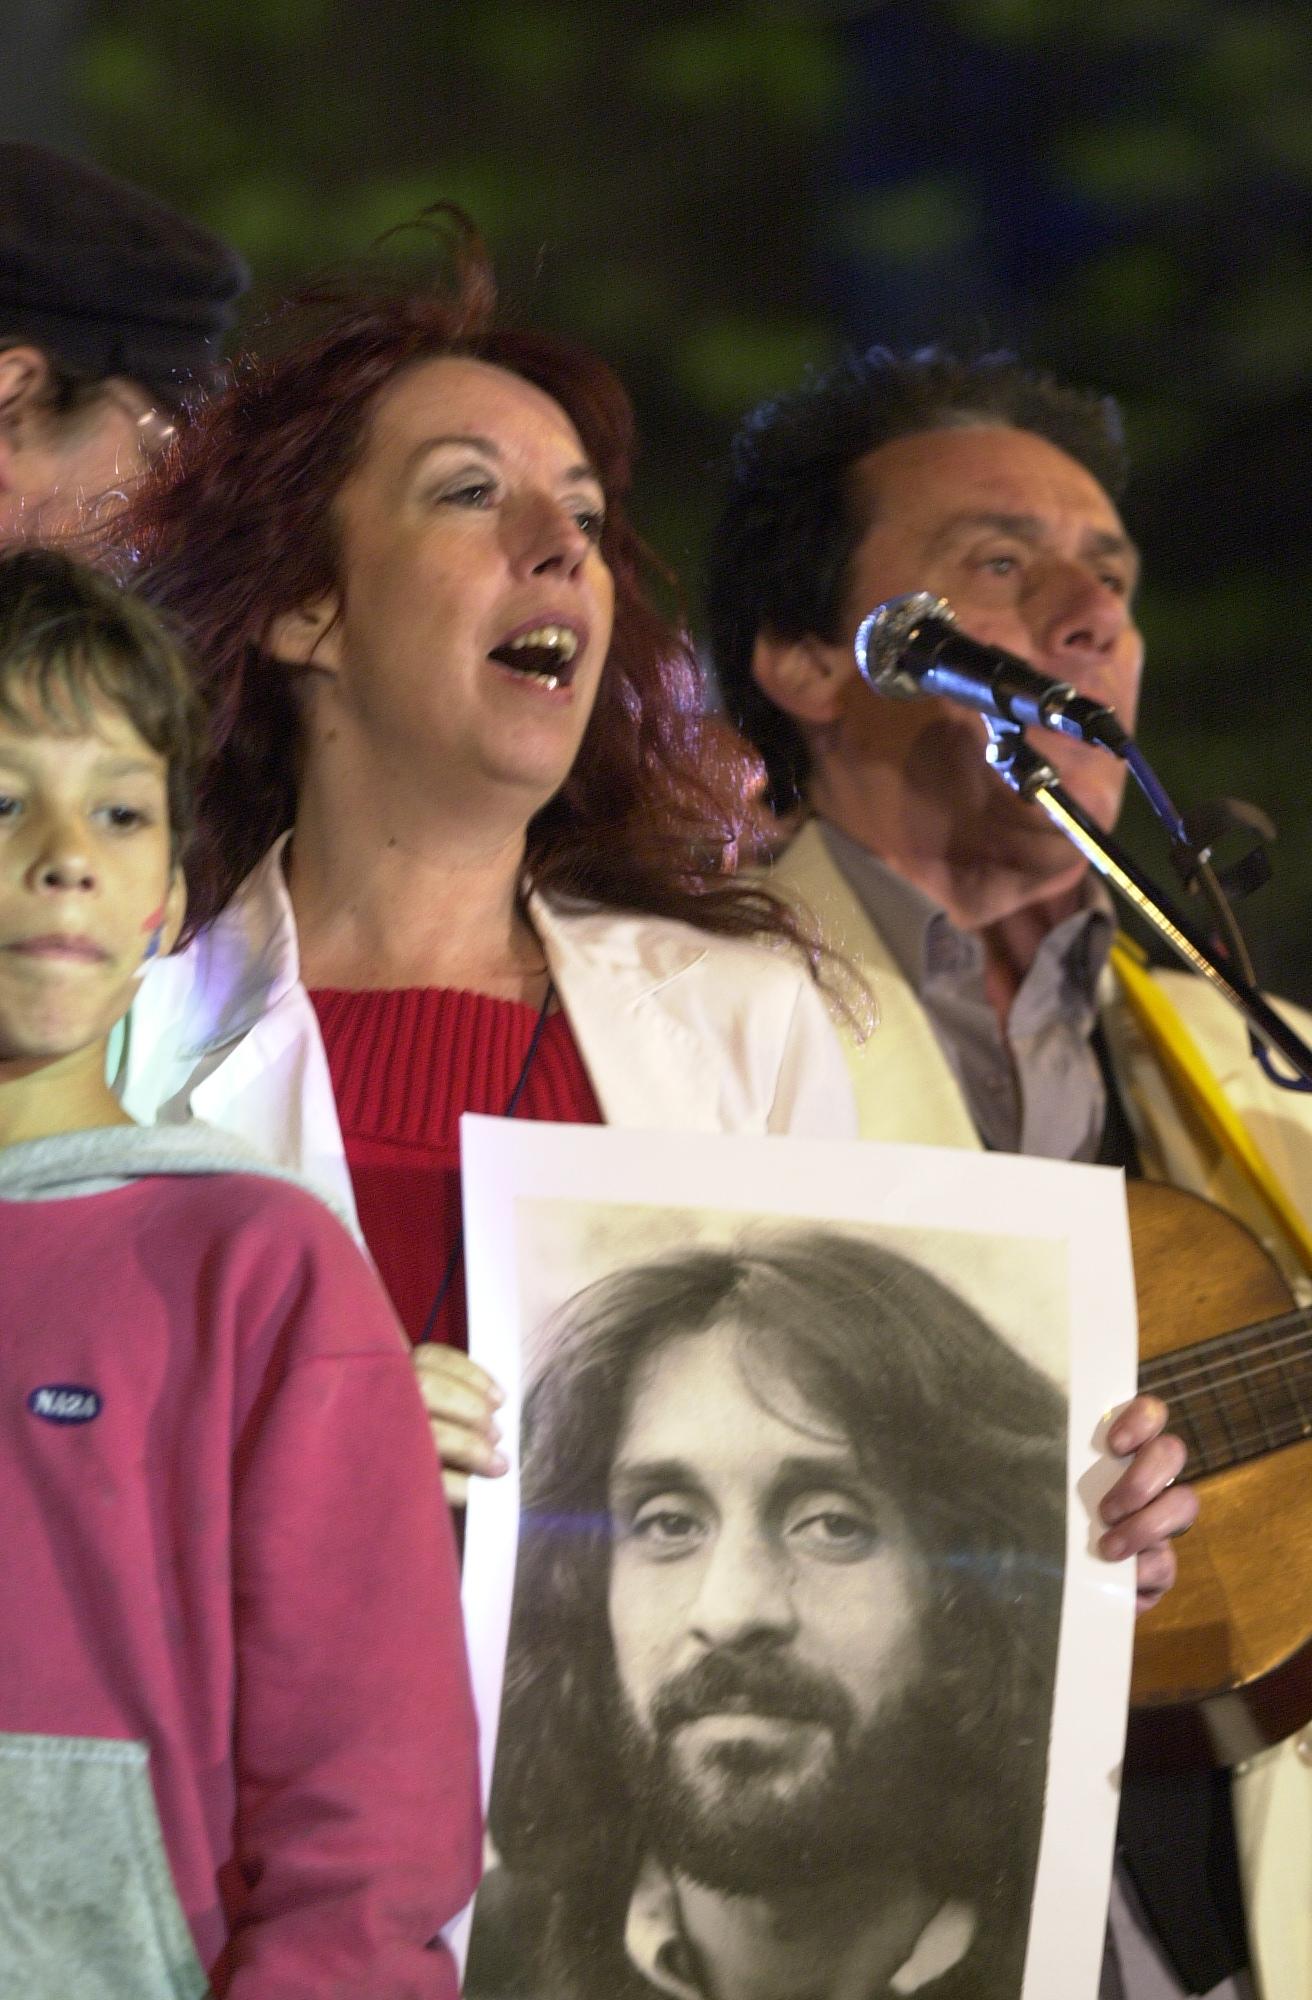 Los músicos Adriana Ducret (que sostiene una fotografía de Lazaroff) y Jorge Bonaldi en un homenaje a Jorge Lazaroff.